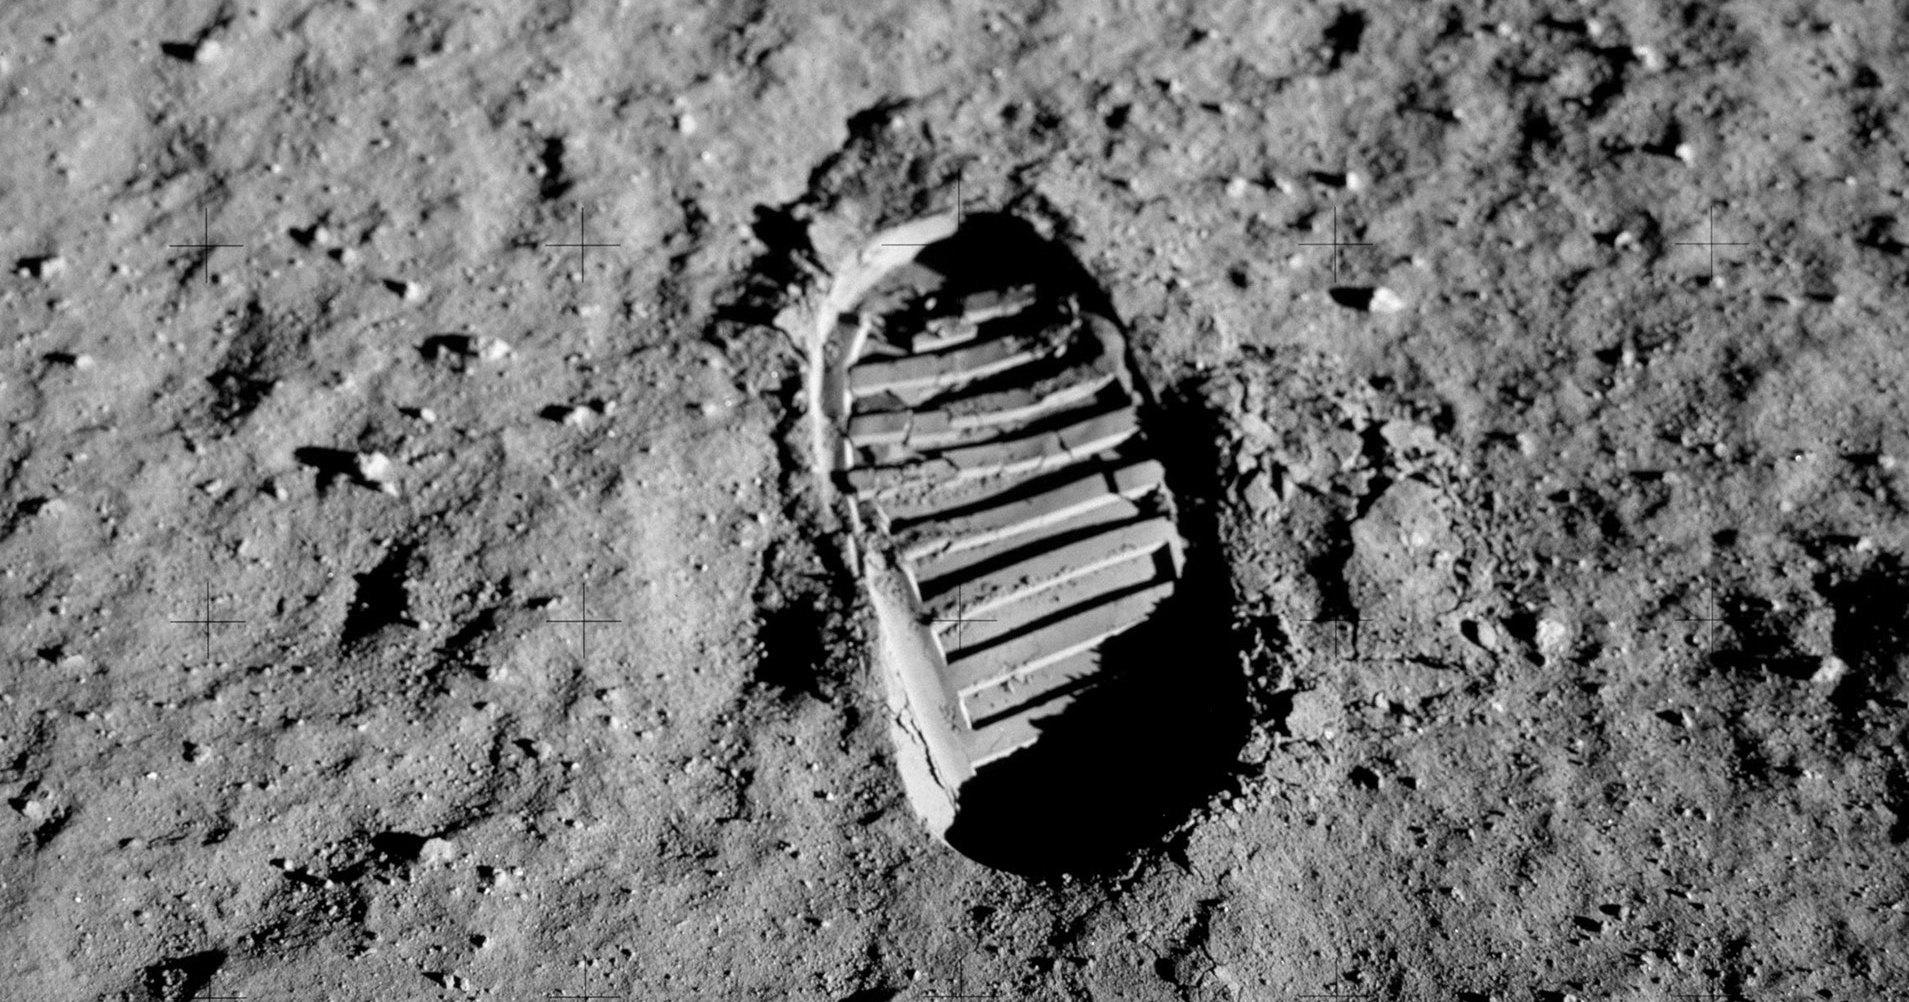 Ученые рассказали, как изменится походка человека на Луне